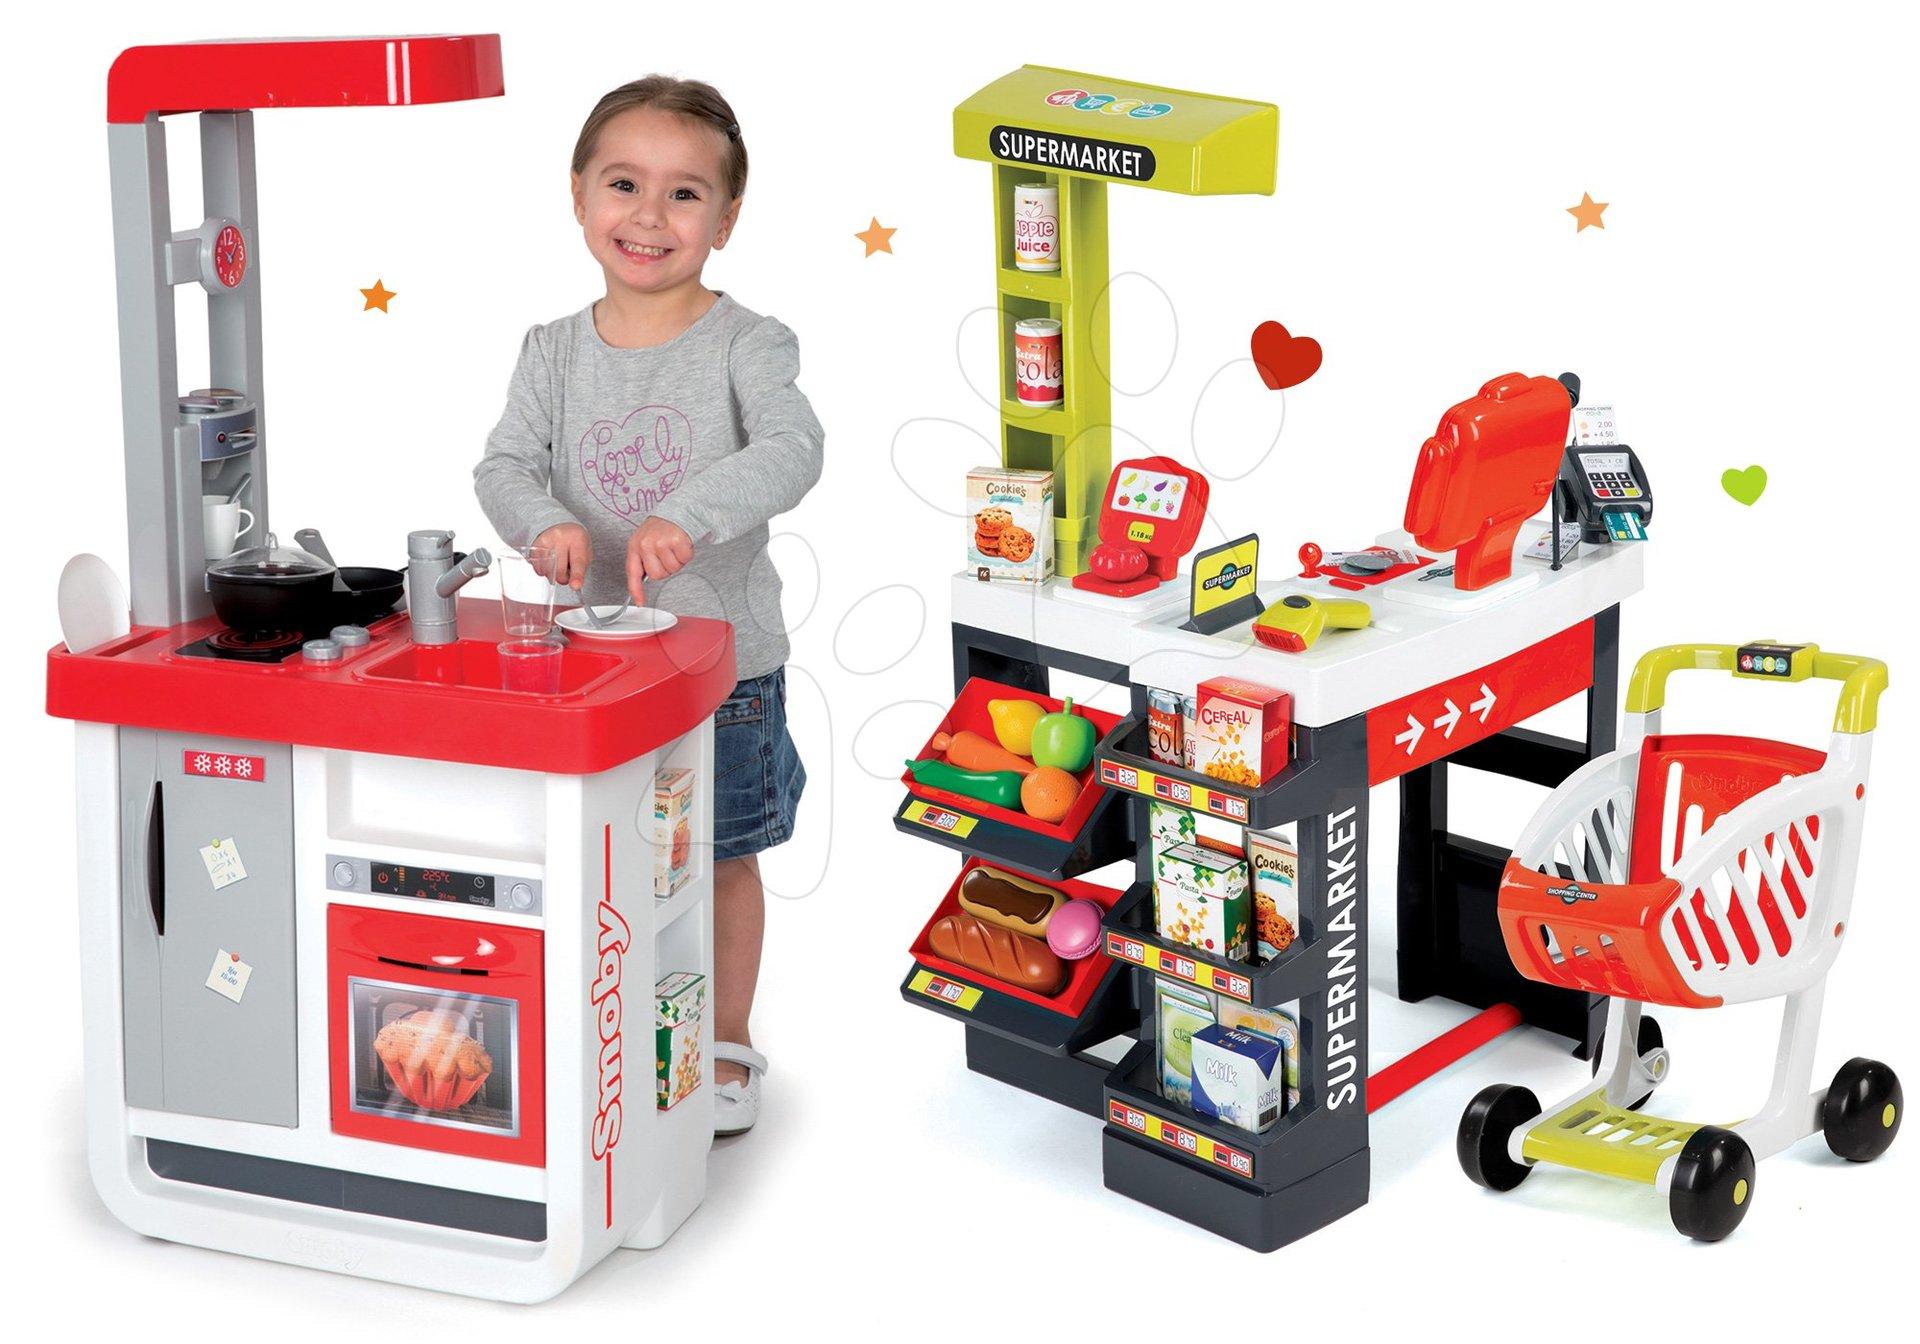 Smoby detská kuchynka Bon Appétit a obchod Supermarket 310800-2